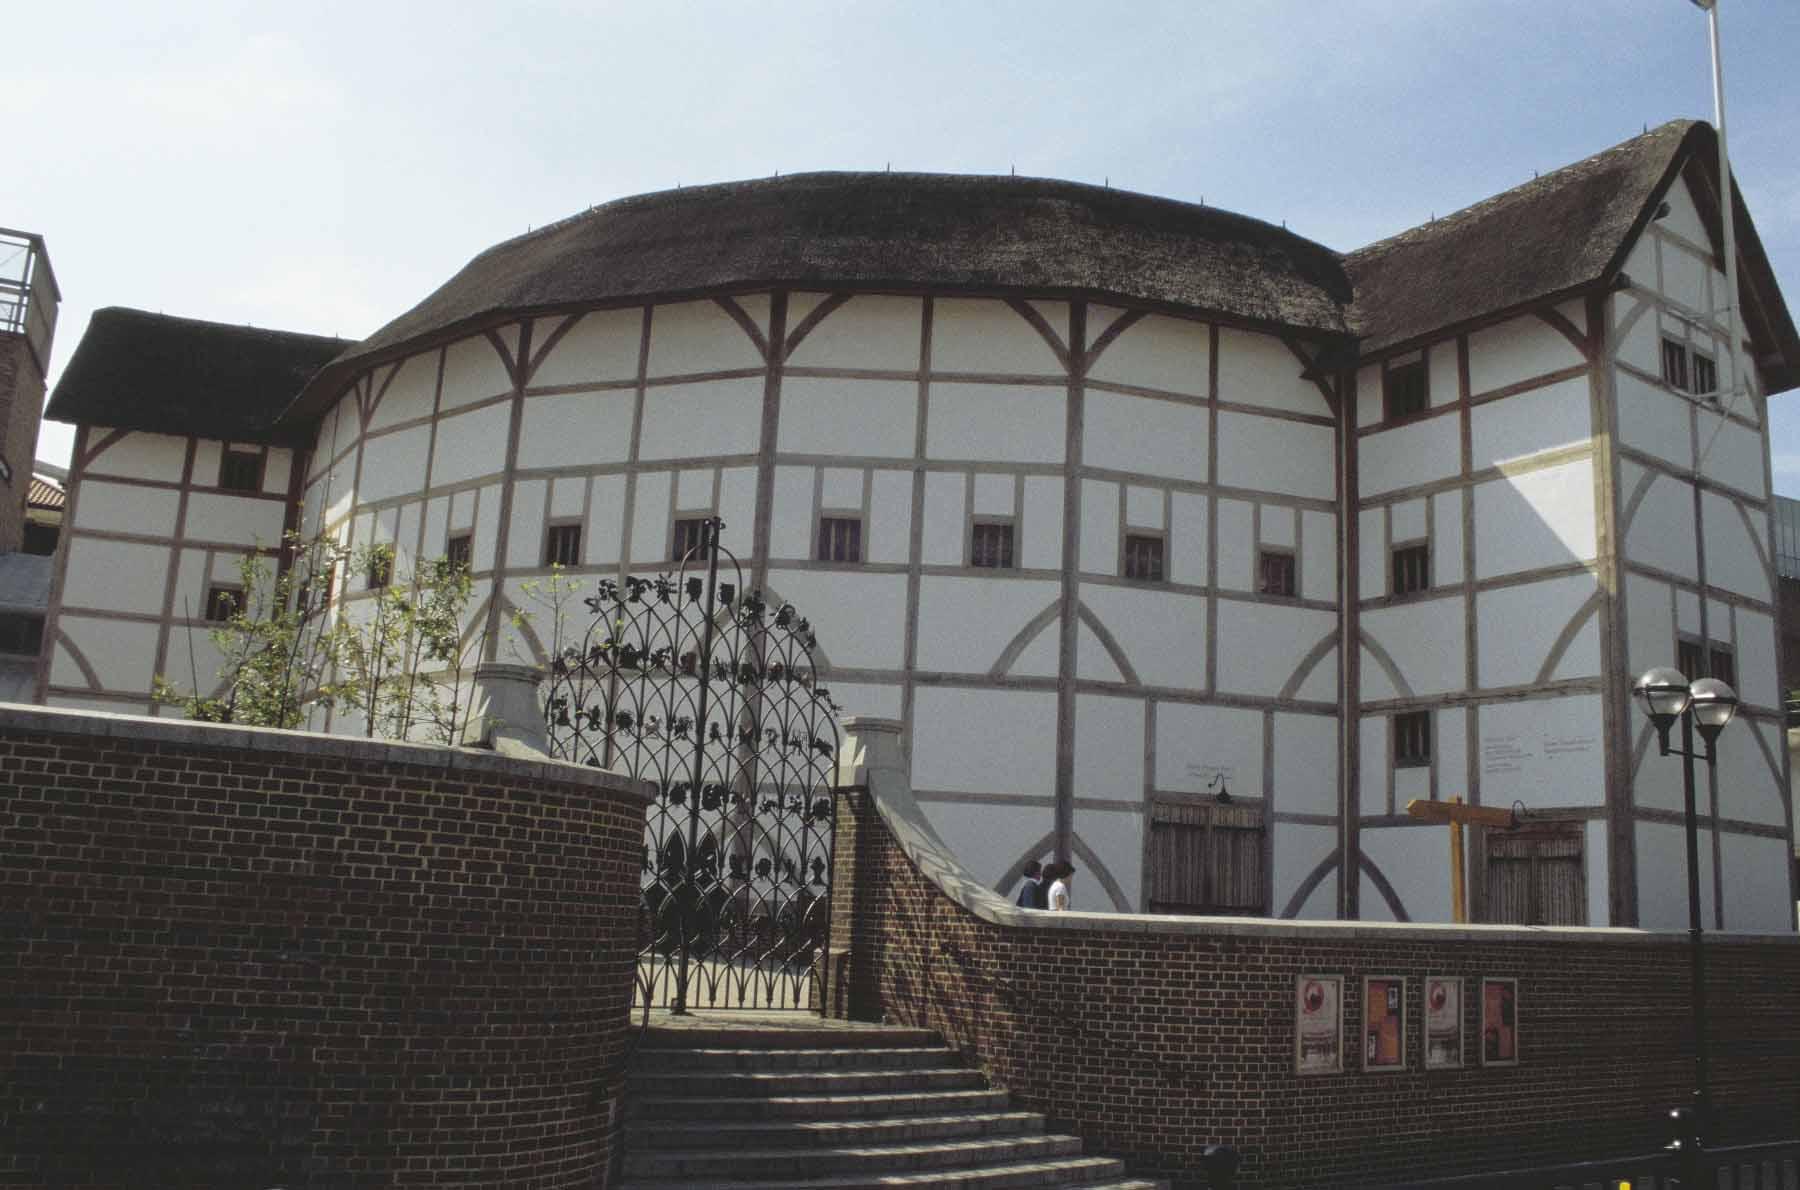 globe theatre essay The globe theatre - with a free essay review - free essay reviews.